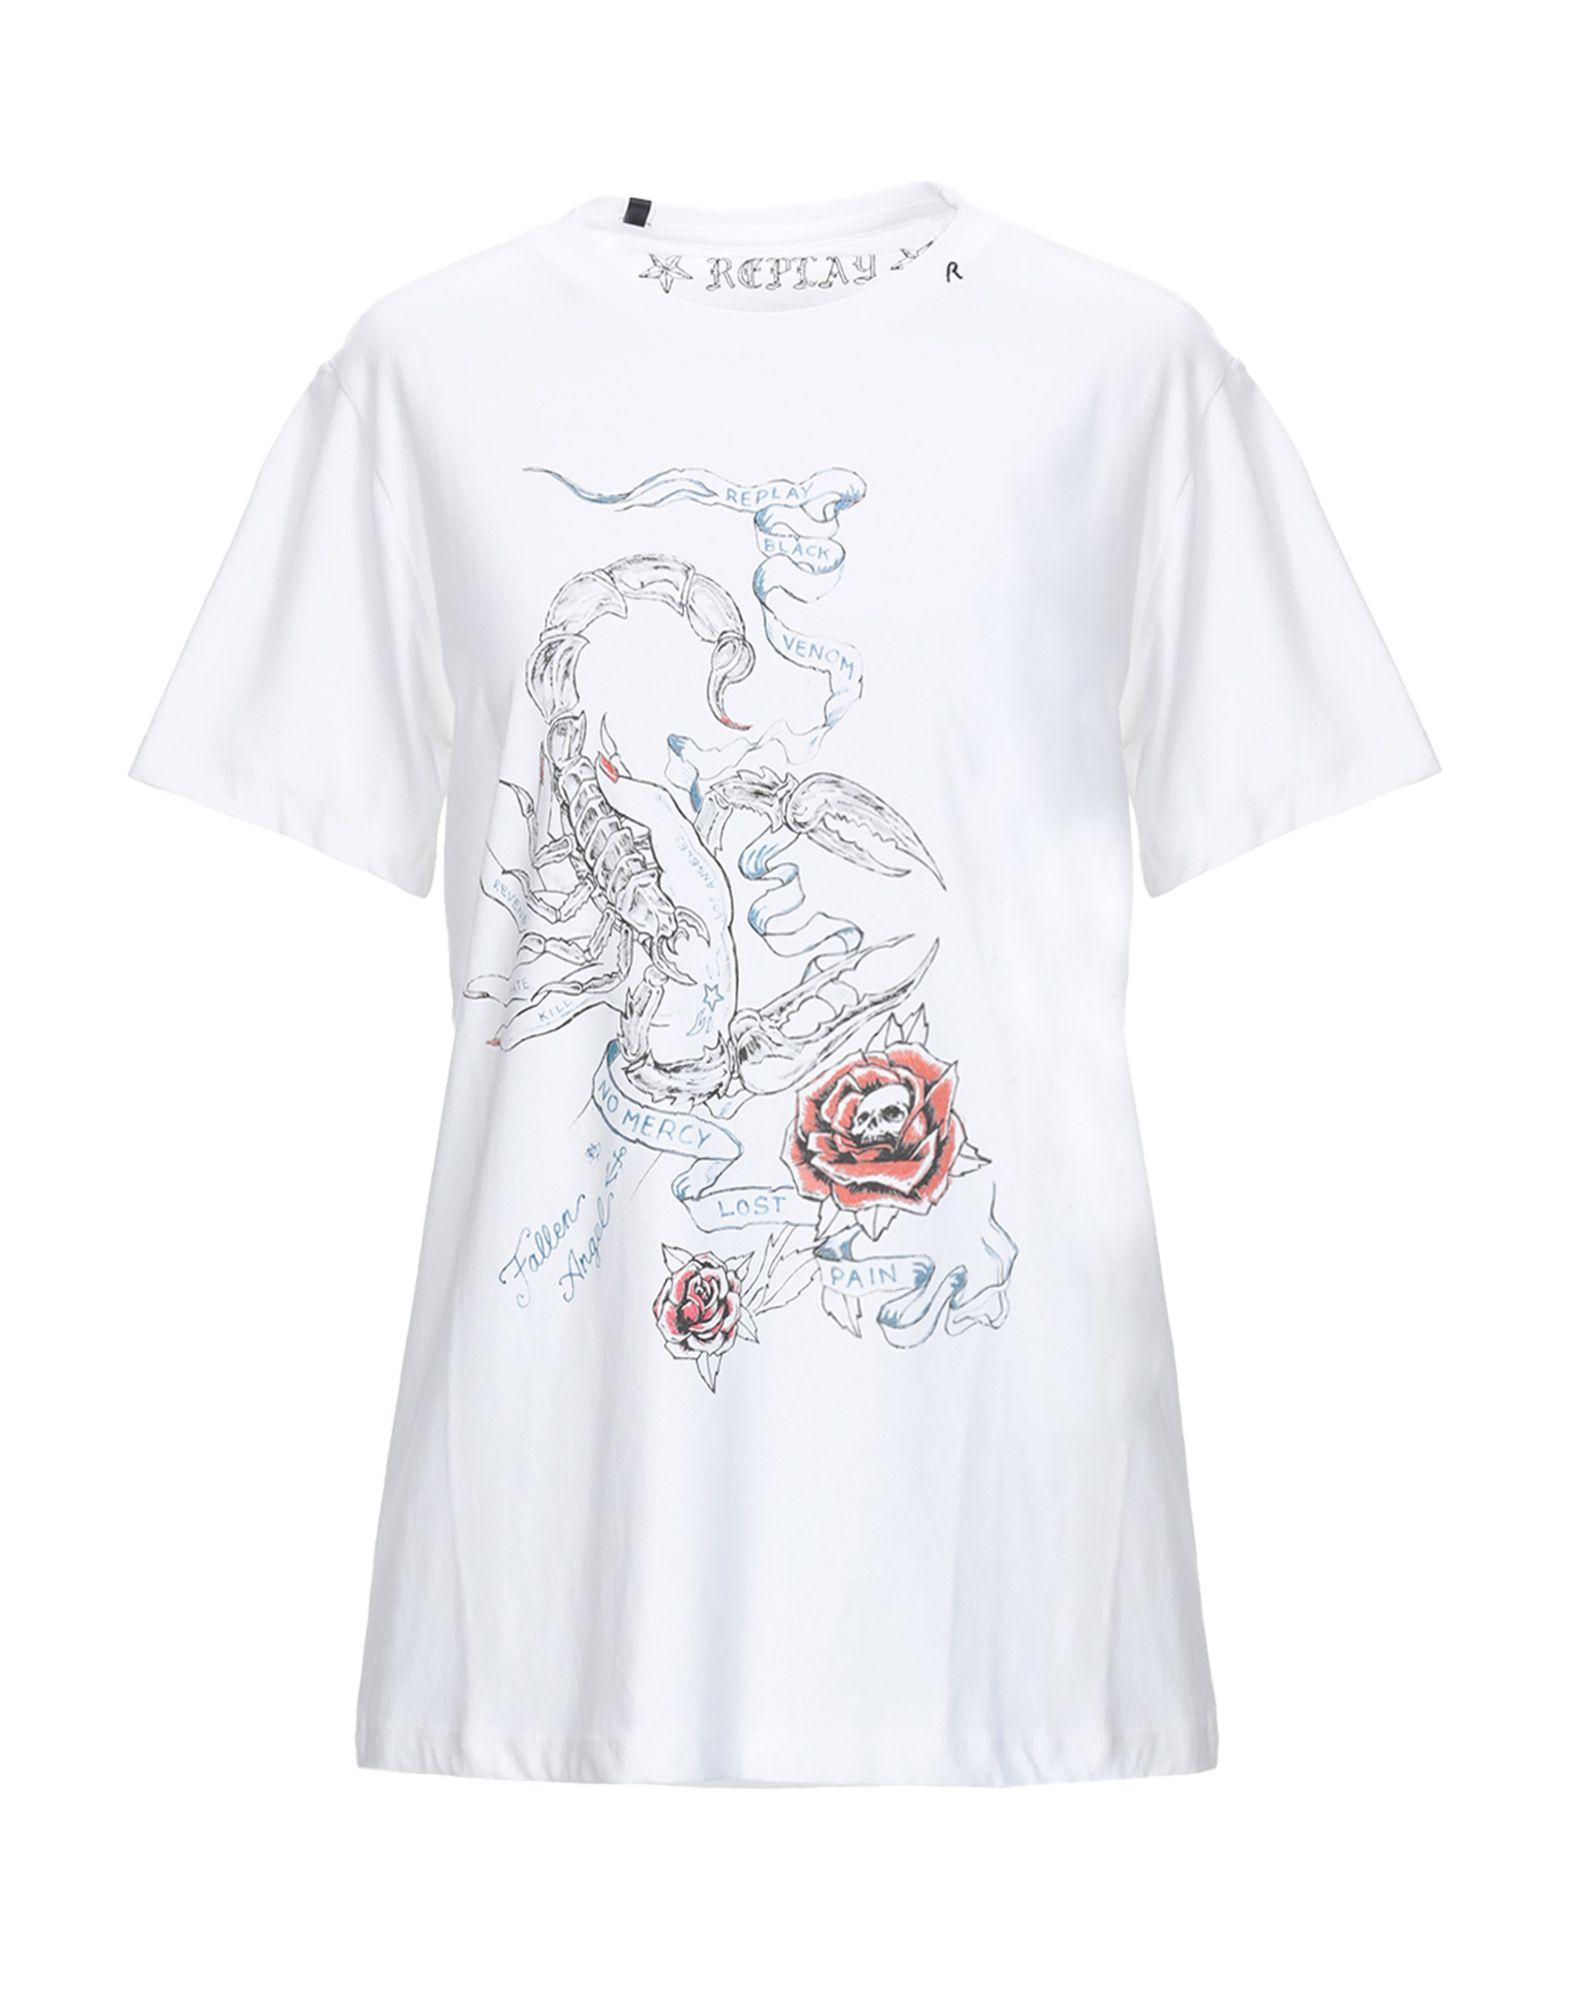 REPLAY Футболка replay футболка replay m3084 22216g 001